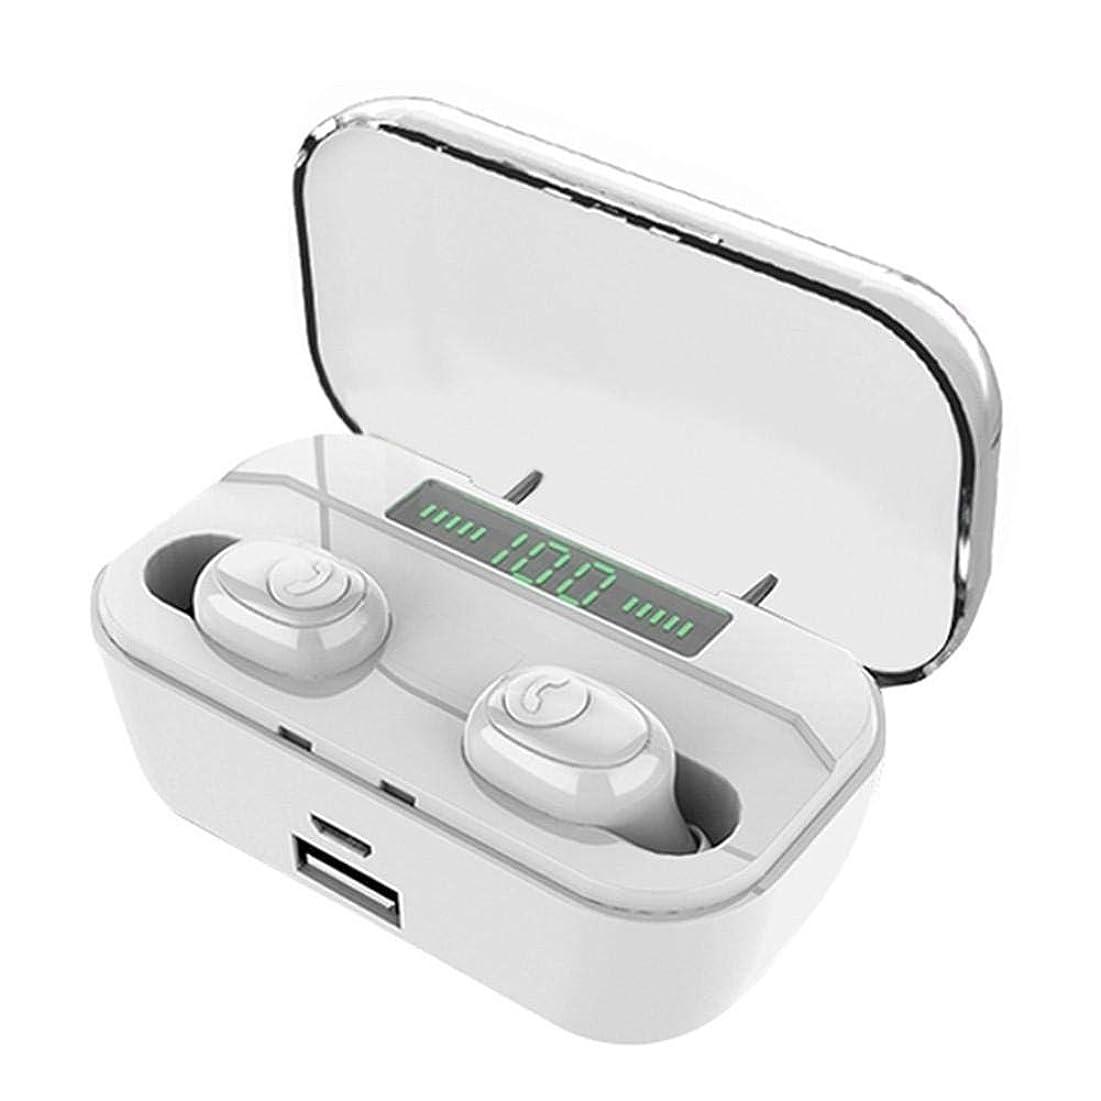 汚す香り表面的なBluetoothヘッドフォン、Bluetooth V5.0 IPX7防水インイヤーステレオ自動ペアリングキャンセリングノイズ、3500mah充電ボックス(1.5 2.5 1.8cm)